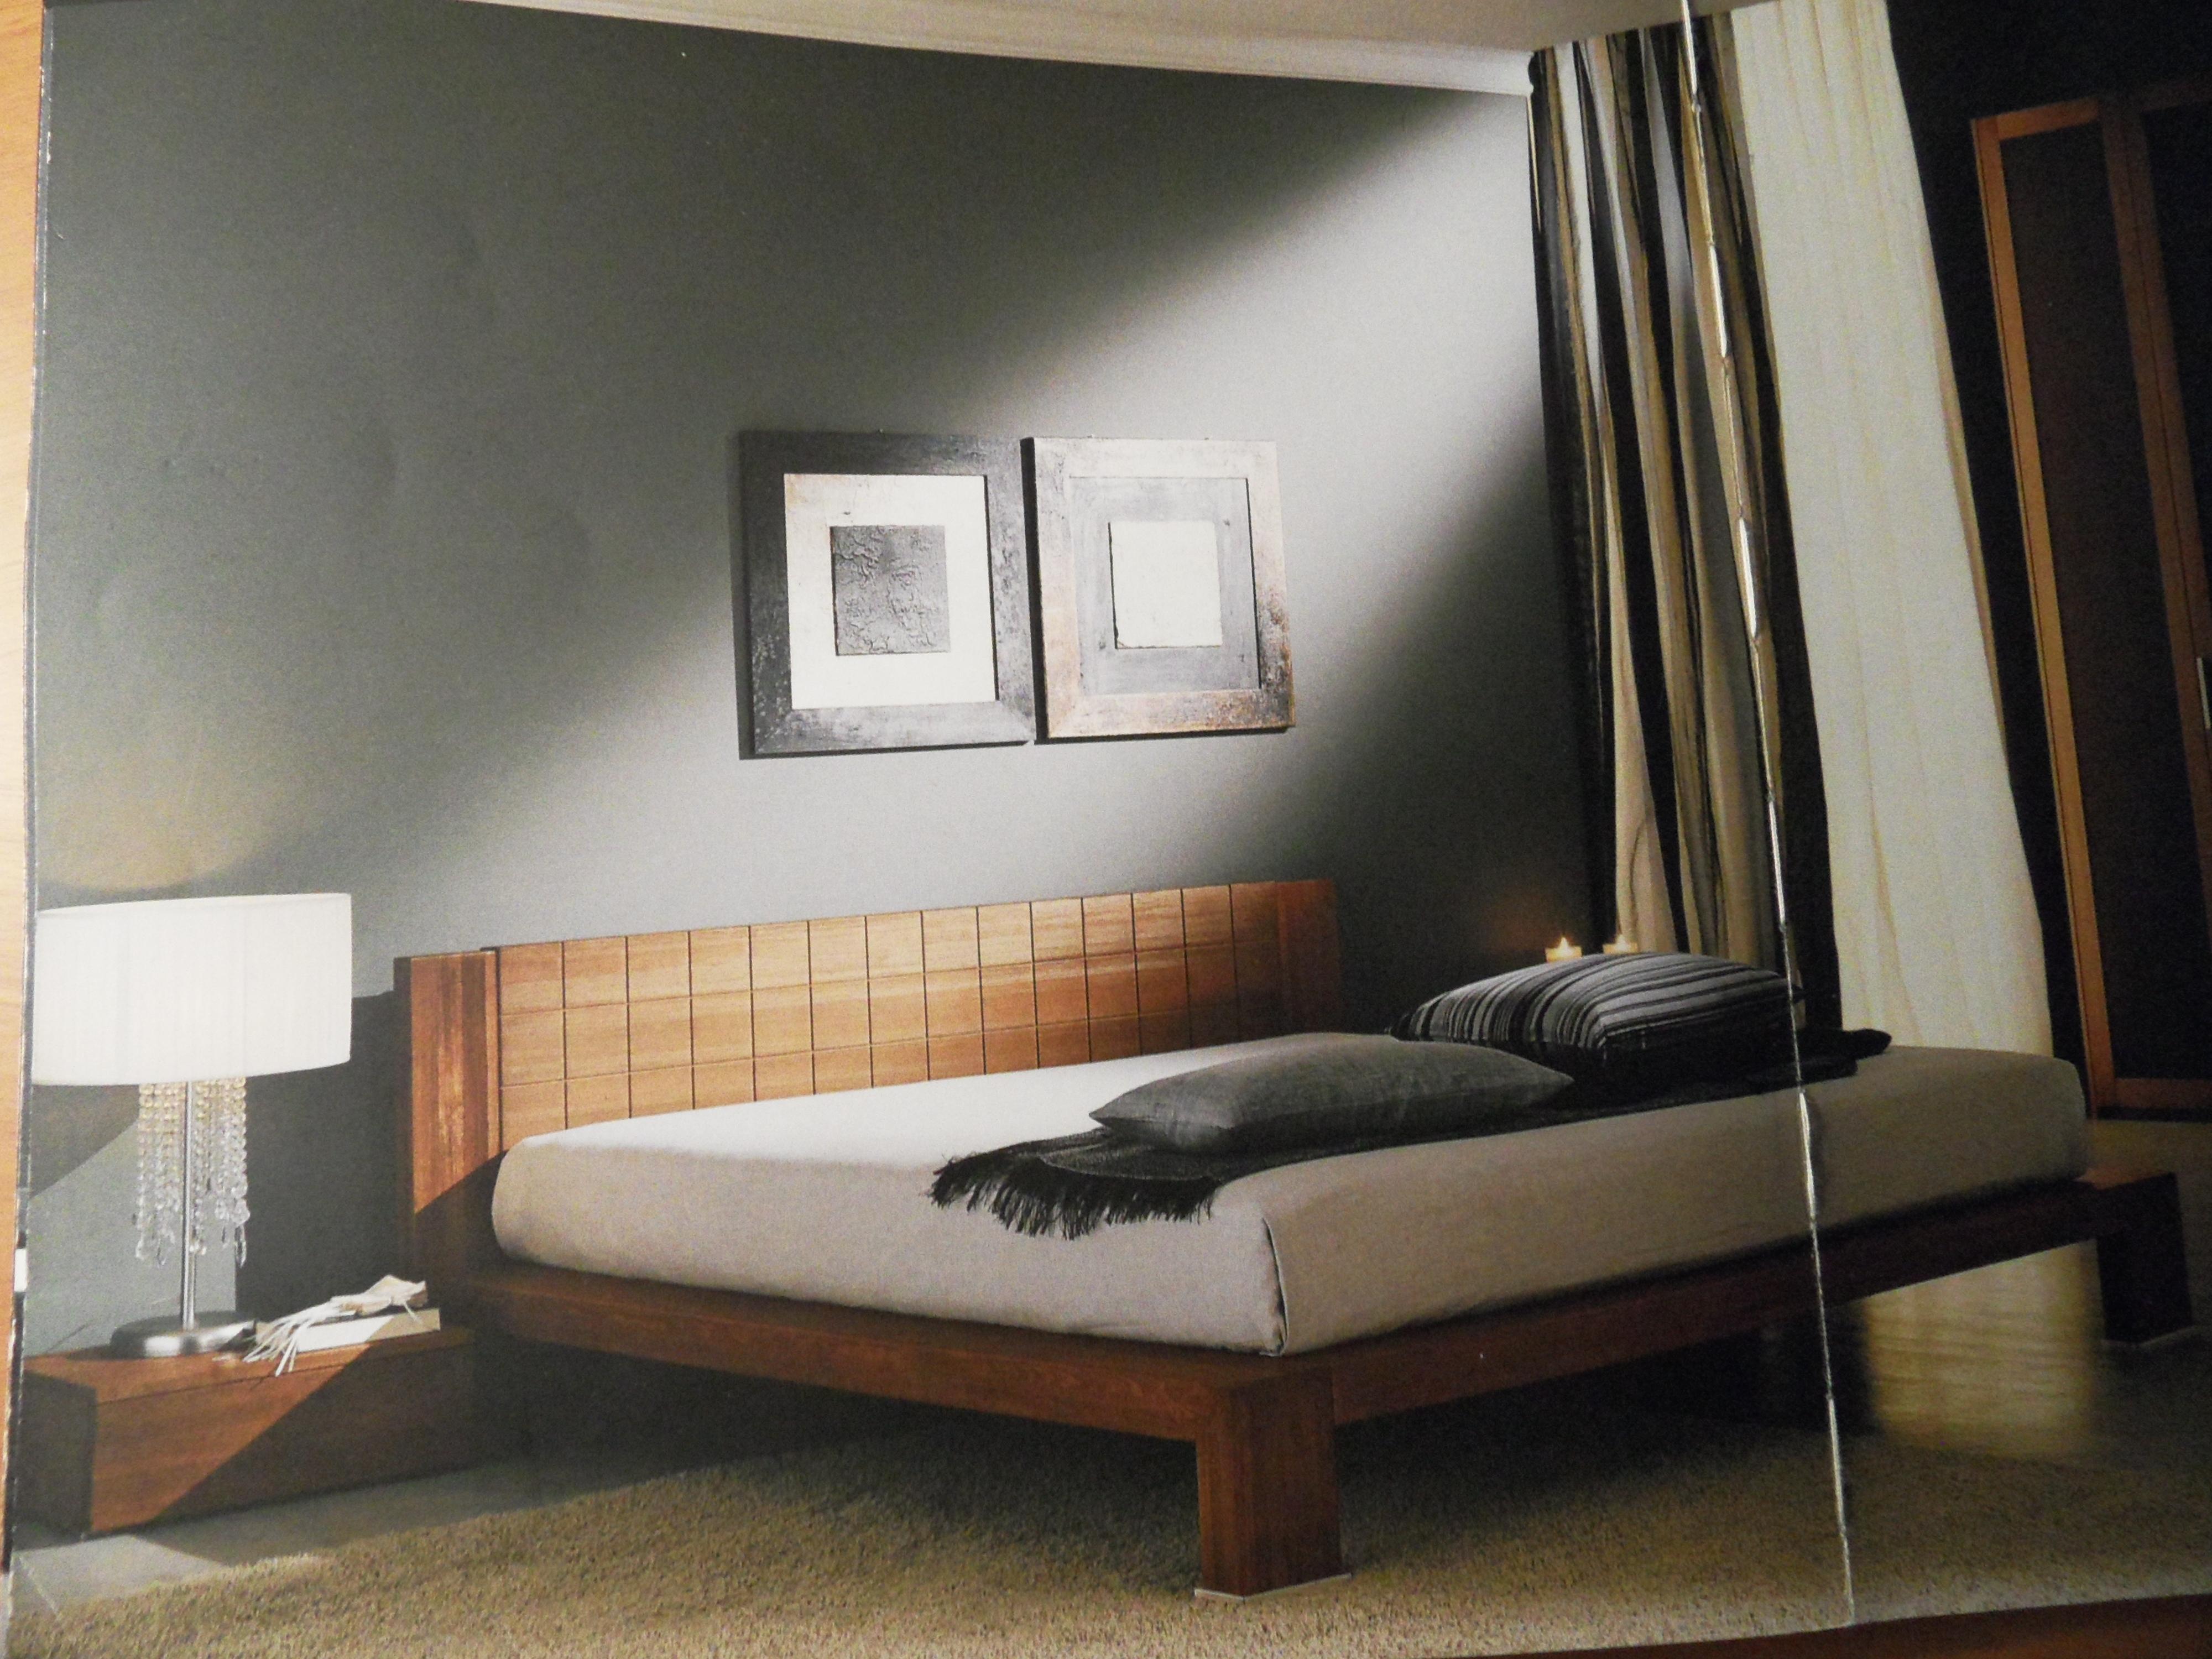 offerta camera da letto matrimoniale ~ dragtime for . - Offerte Camera Da Letto